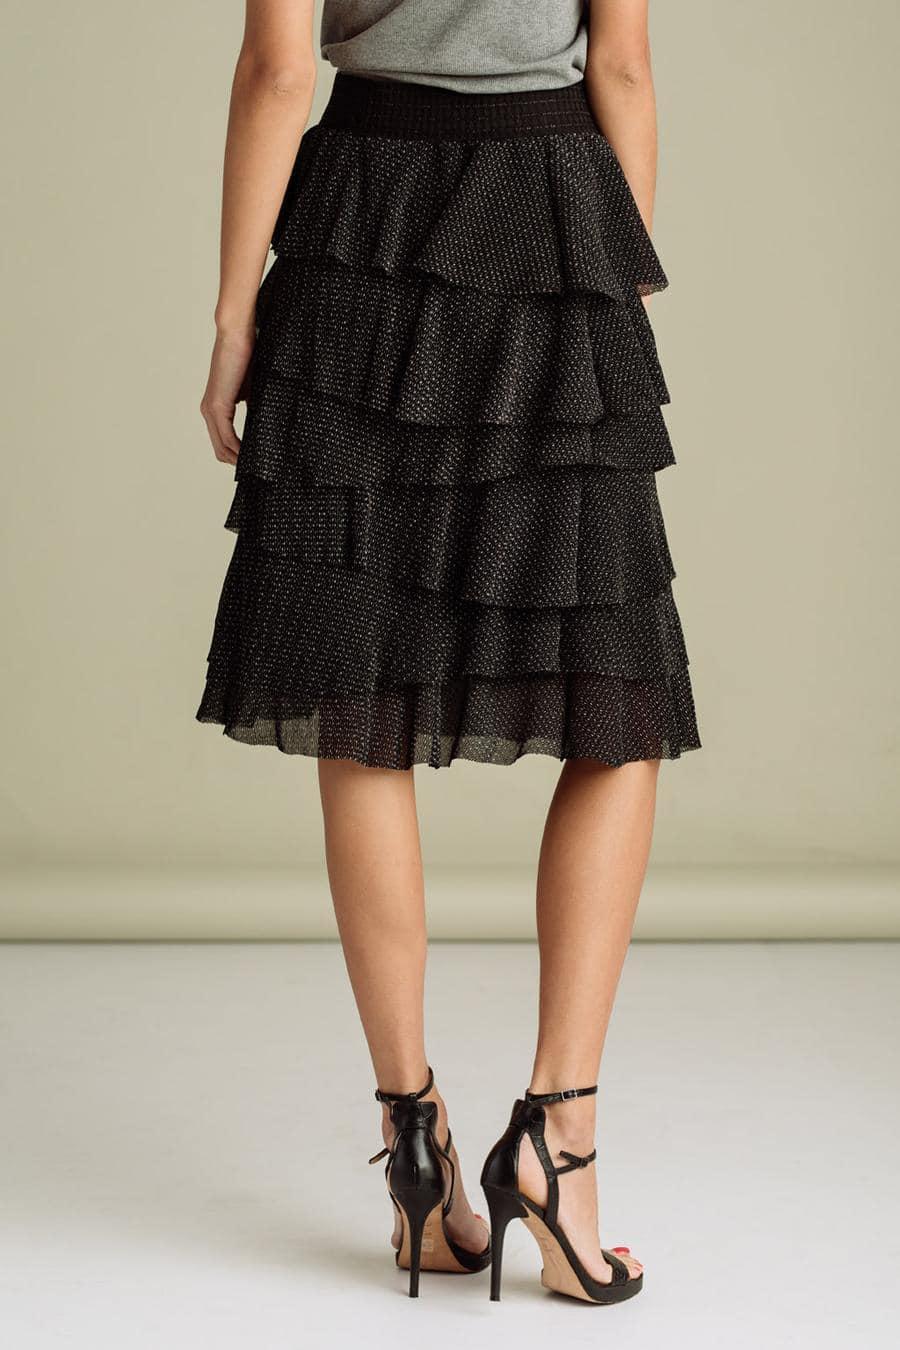 jagger zenska suknja kolekcija prolece leto 2021 ss 2021 kupi online jg 5490 01 3